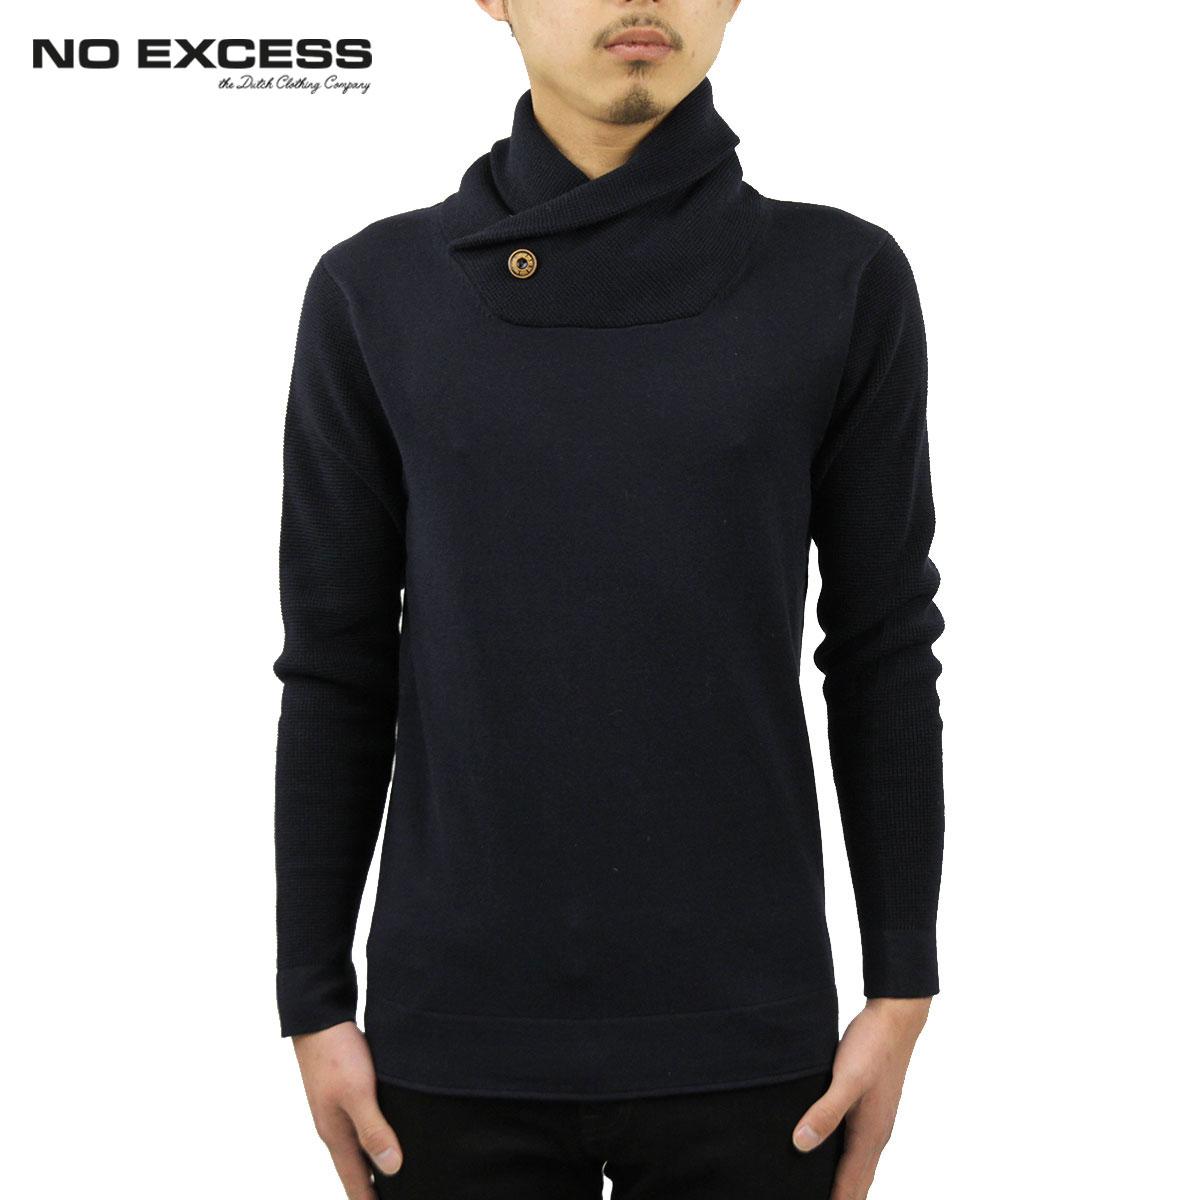 ノーエクセス NO EXCESS 正規販売店 メンズ ショールスウェット SHAWL FLEECE 210807 078 NAVY D15S25